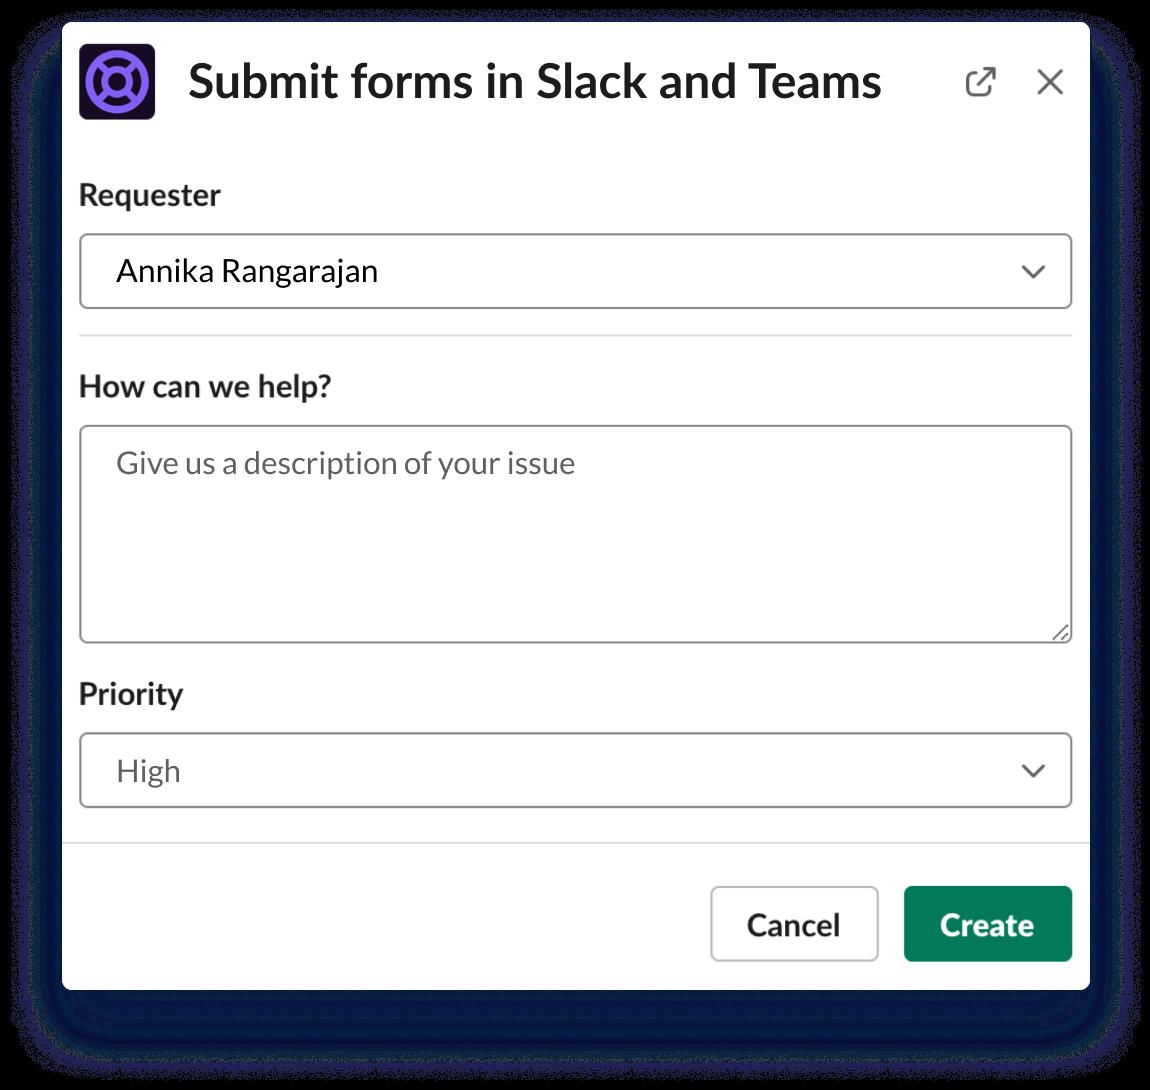 Envoyez des formulaires dans Slack